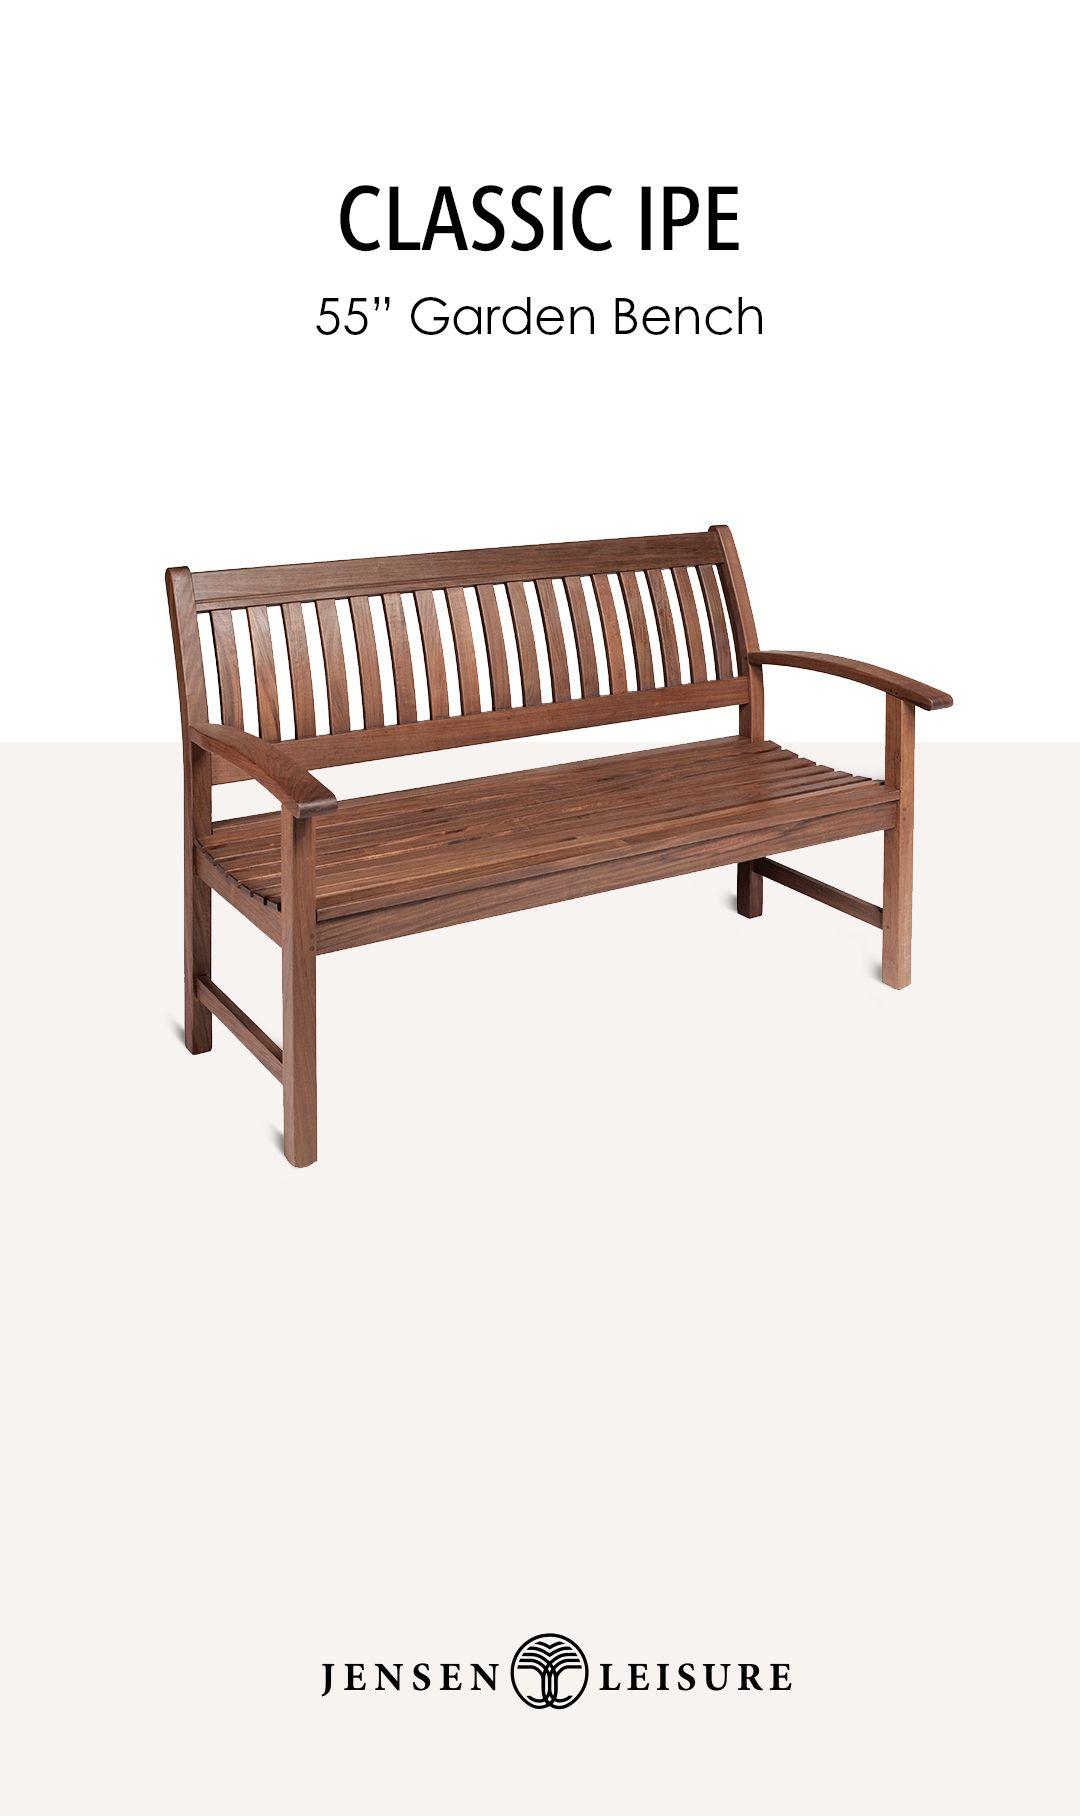 Classic Ipe Outdoor Furniture 55 Garden Bench In 2020 Outdoor Wood Furniture Garden Bench Ergonomic Seating